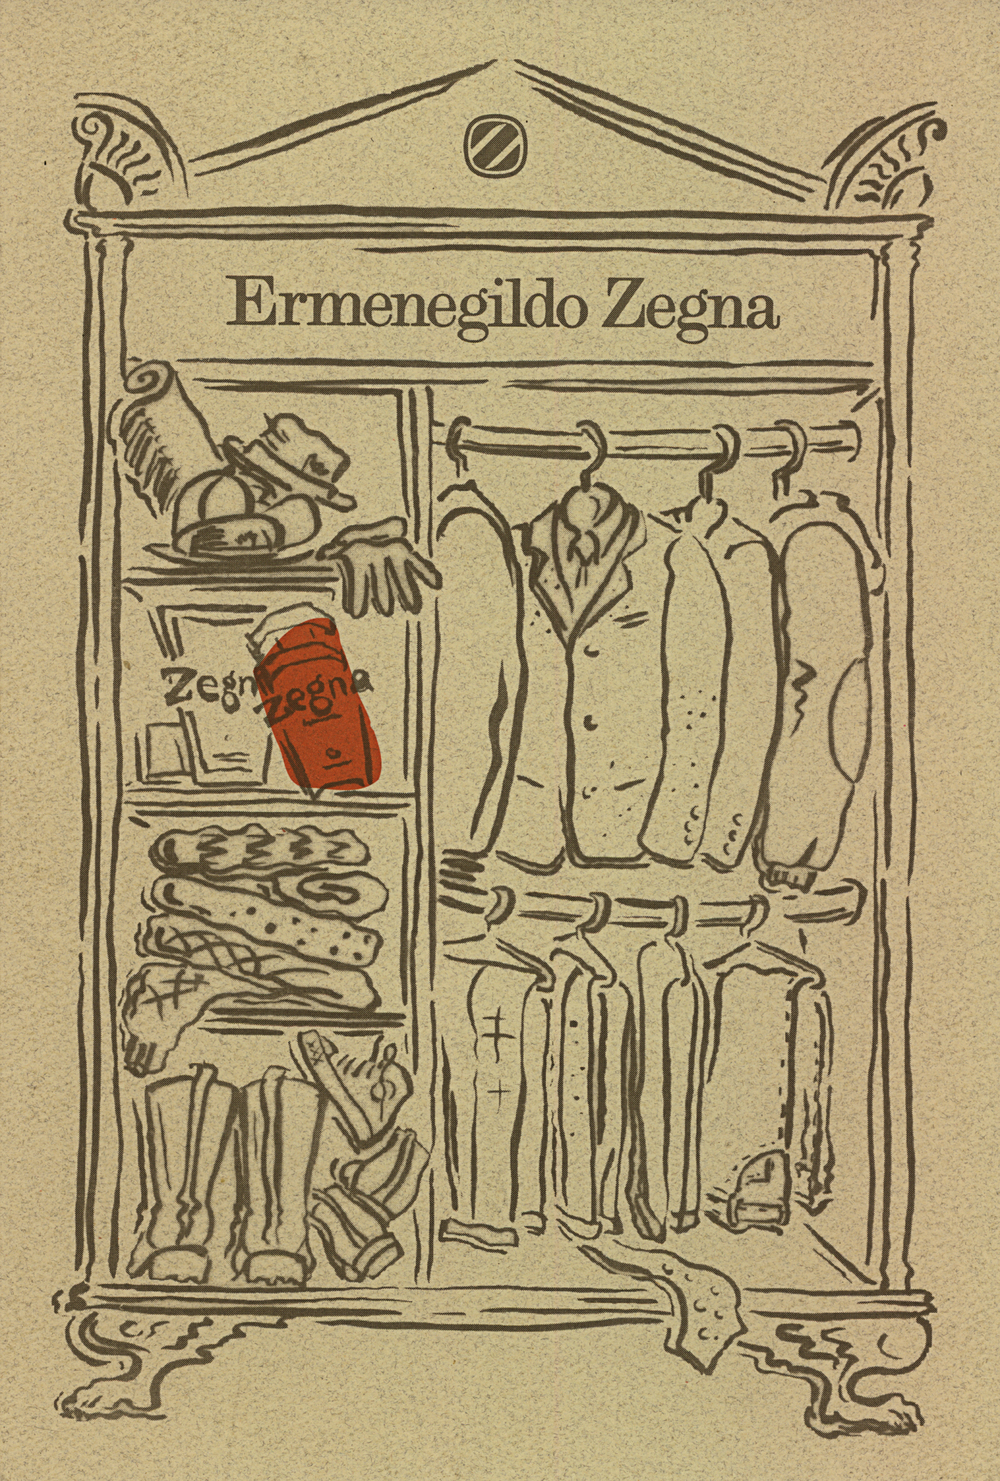 Ermenegildo Zegna: print design